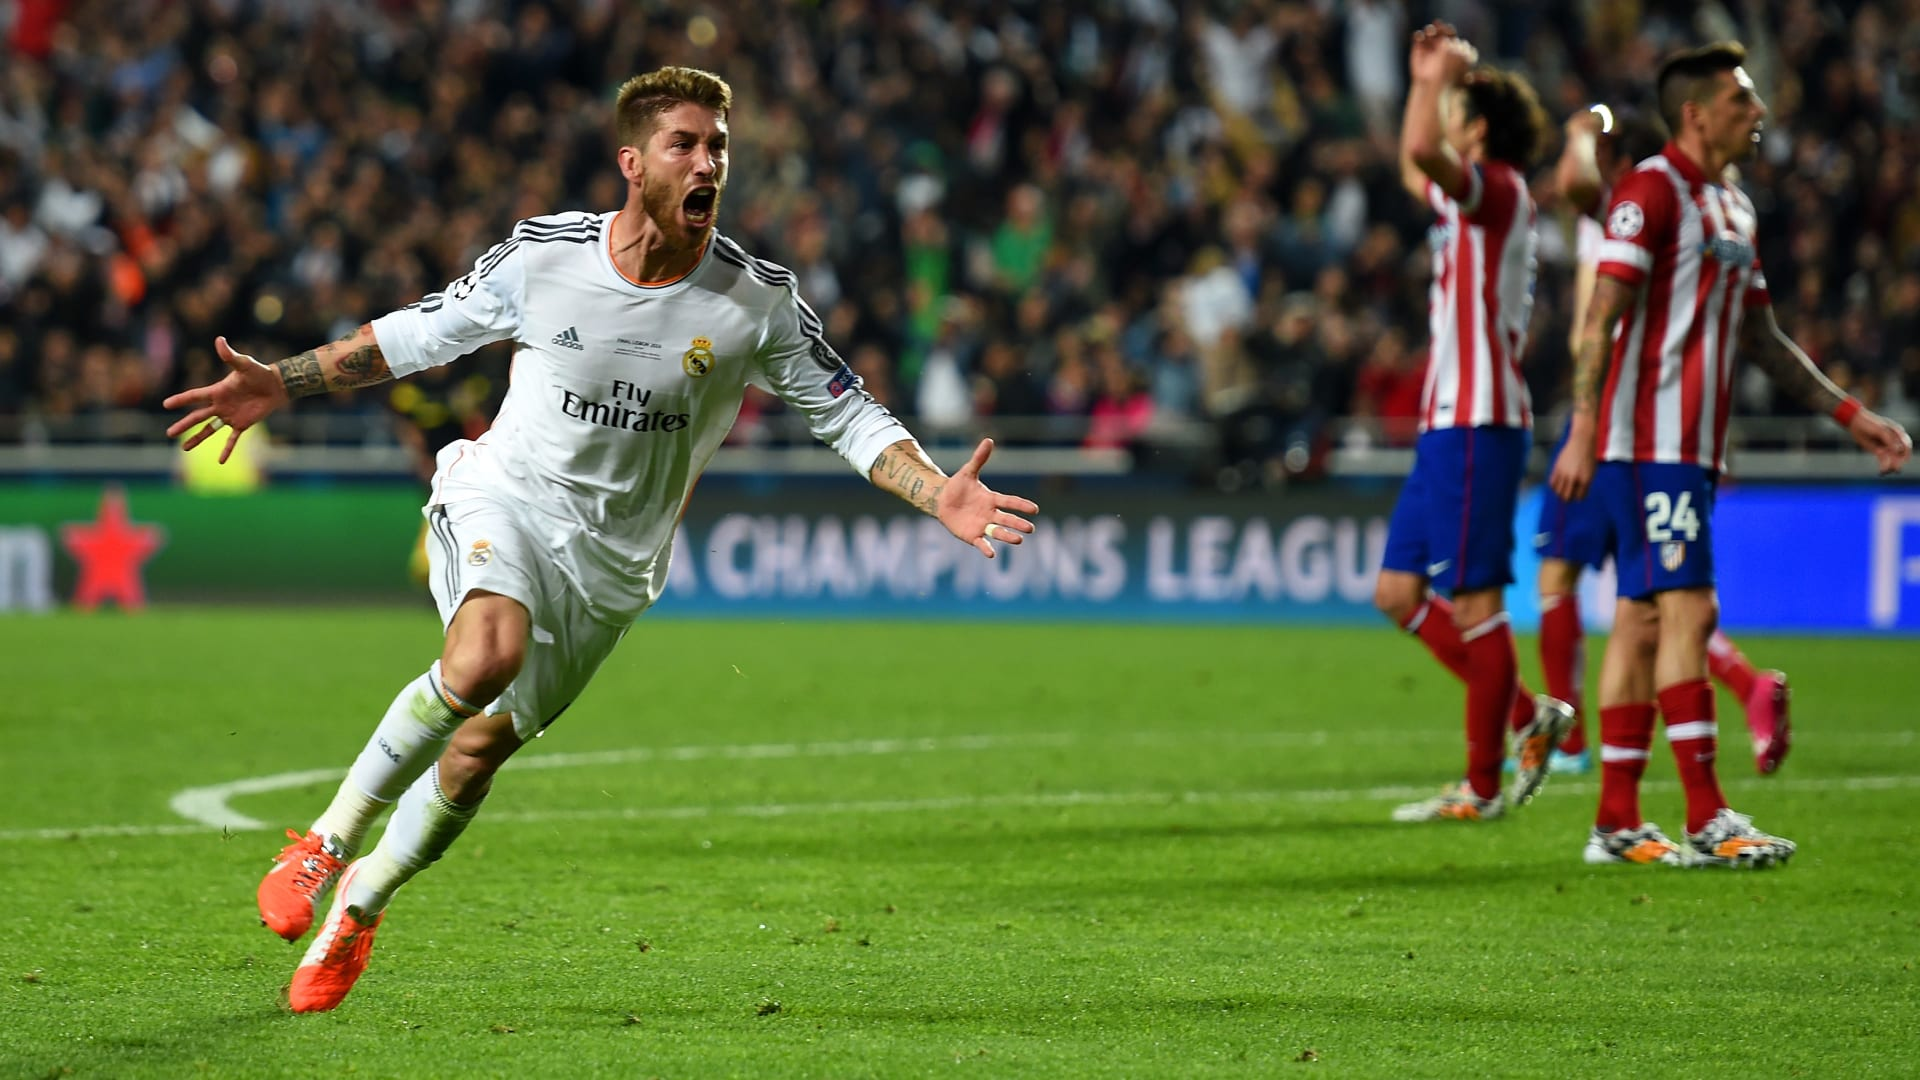 """يوم رحيل """"مصارع الثيران"""".. راموس يودع ريال مدريد بالدموع: أراكم لاحقا"""